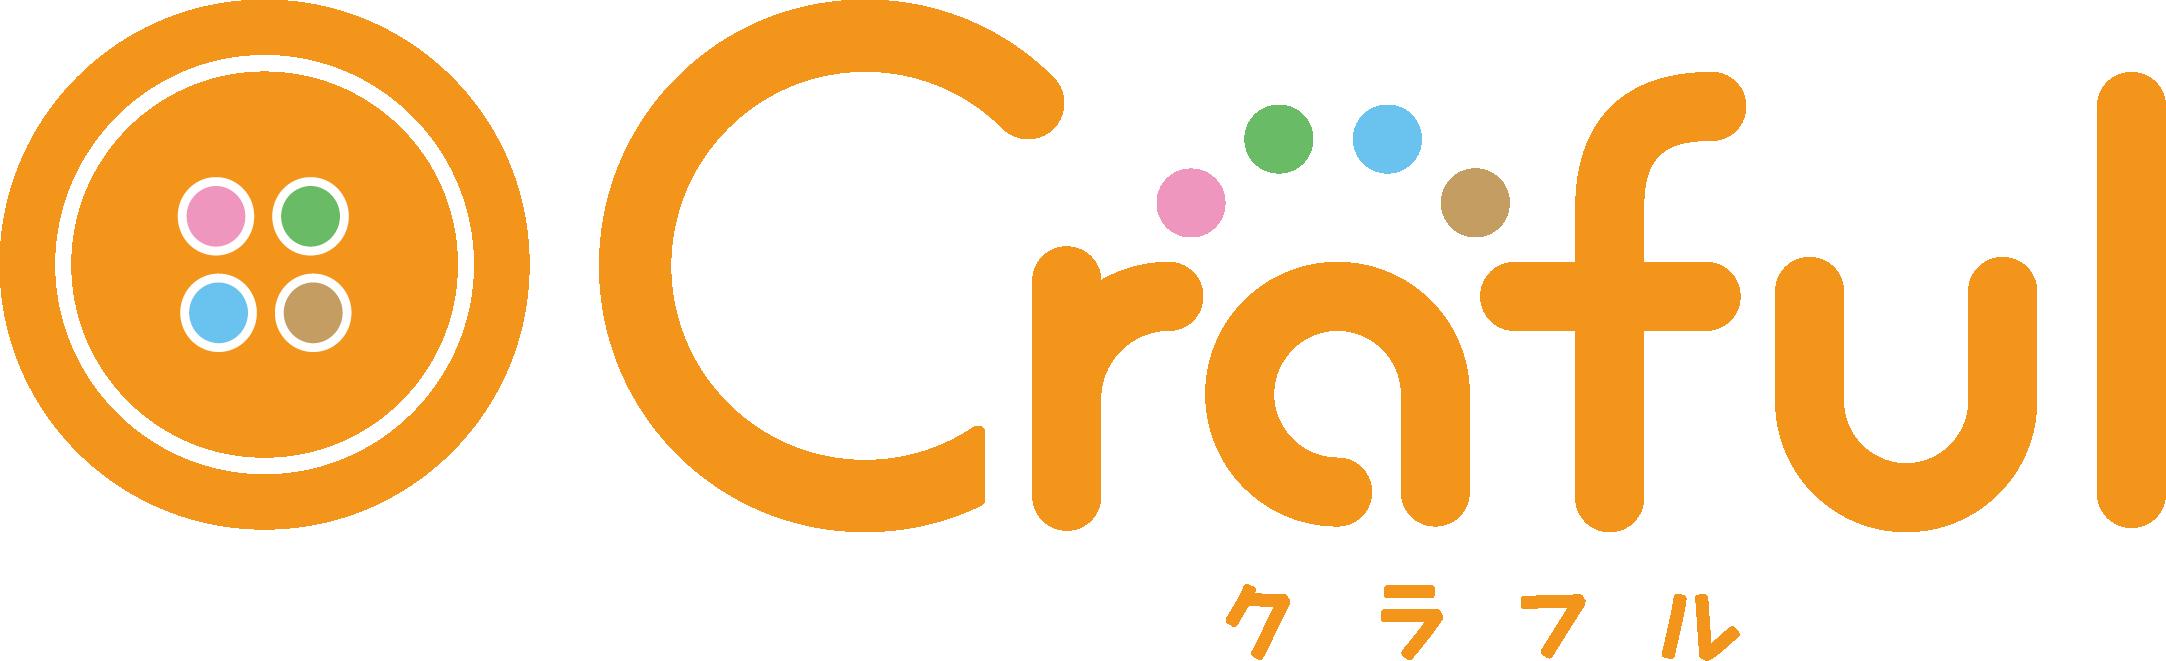 Craful クラフル|ハンドメイドがもっと楽しくなる場所